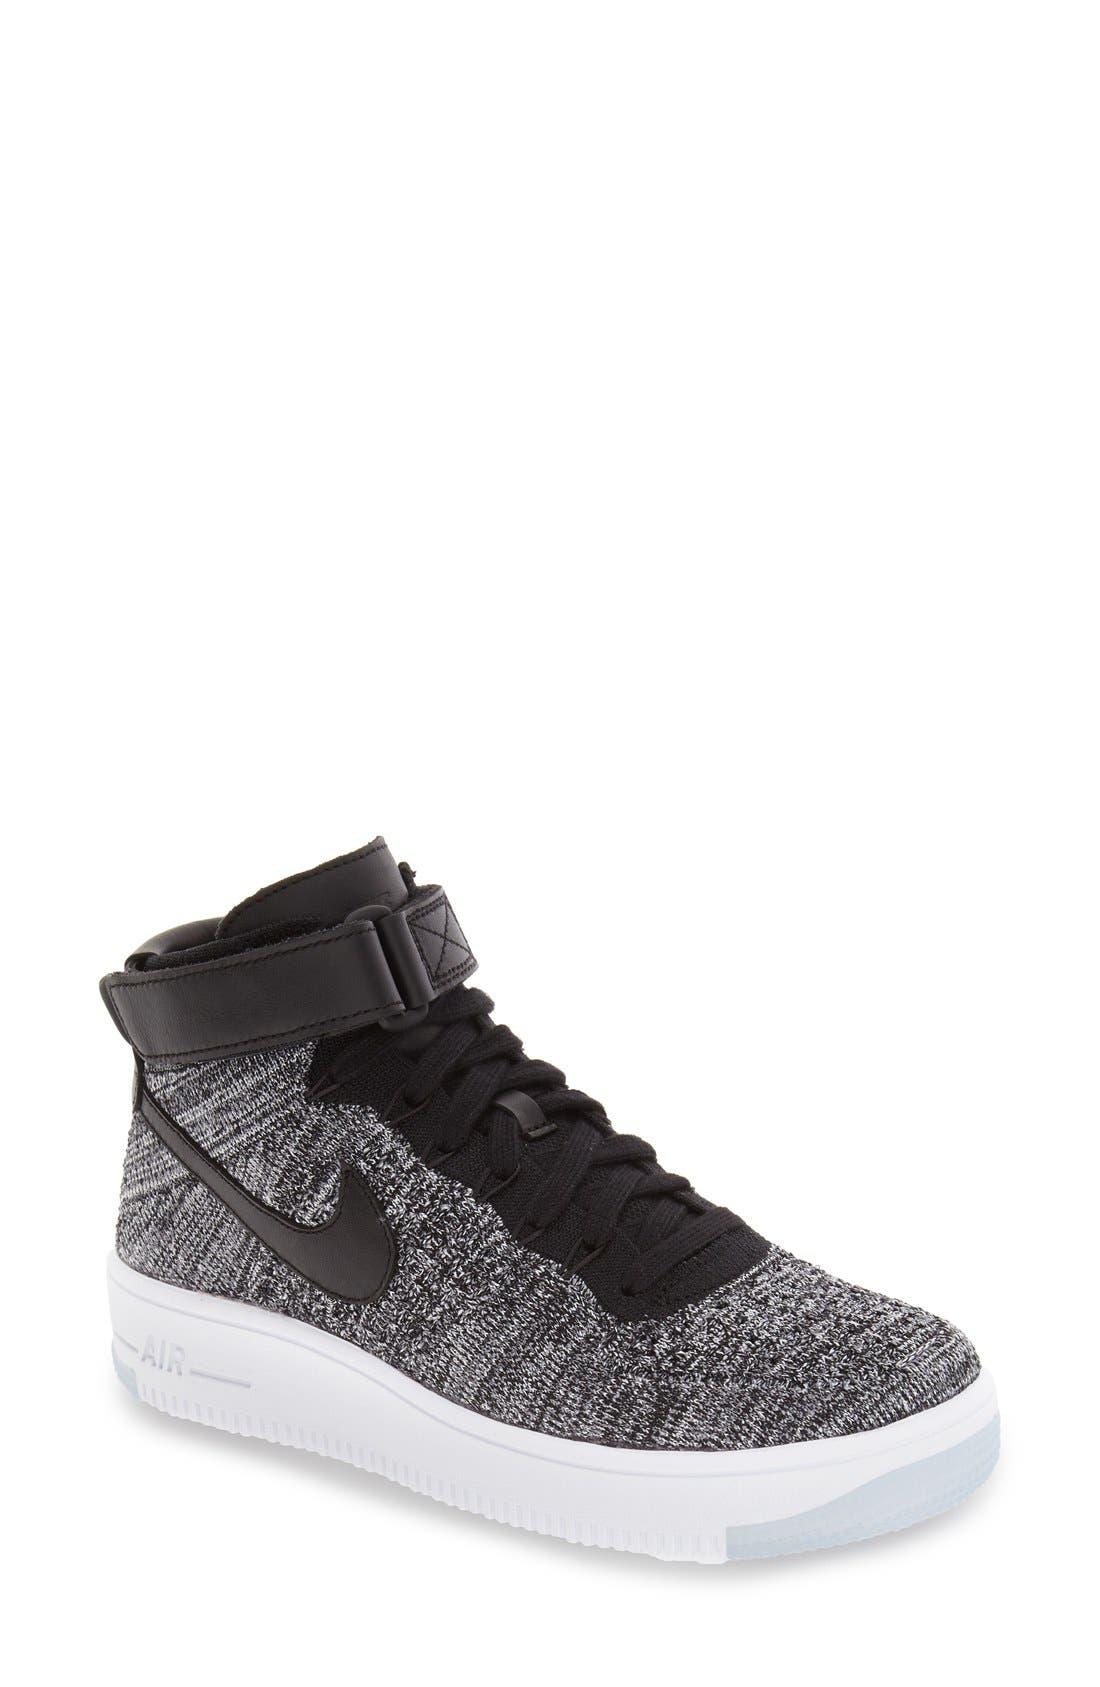 Main Image - Nike 'Air Force 1 Flyknit' Sneaker (Women)